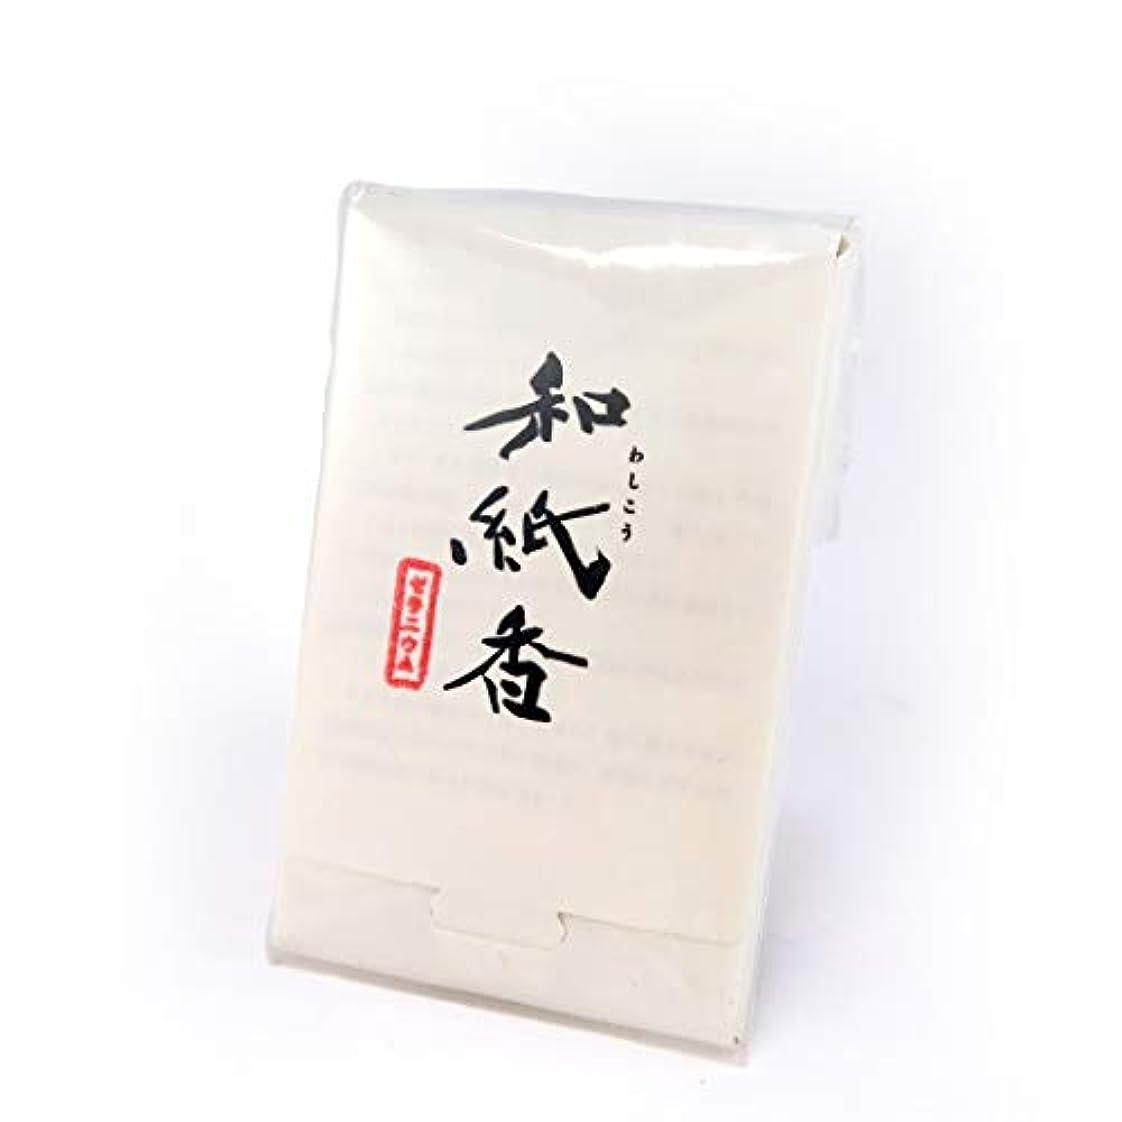 抑圧メジャー簡単な大発のお香 和紙香(わしこう) ゼラニウム